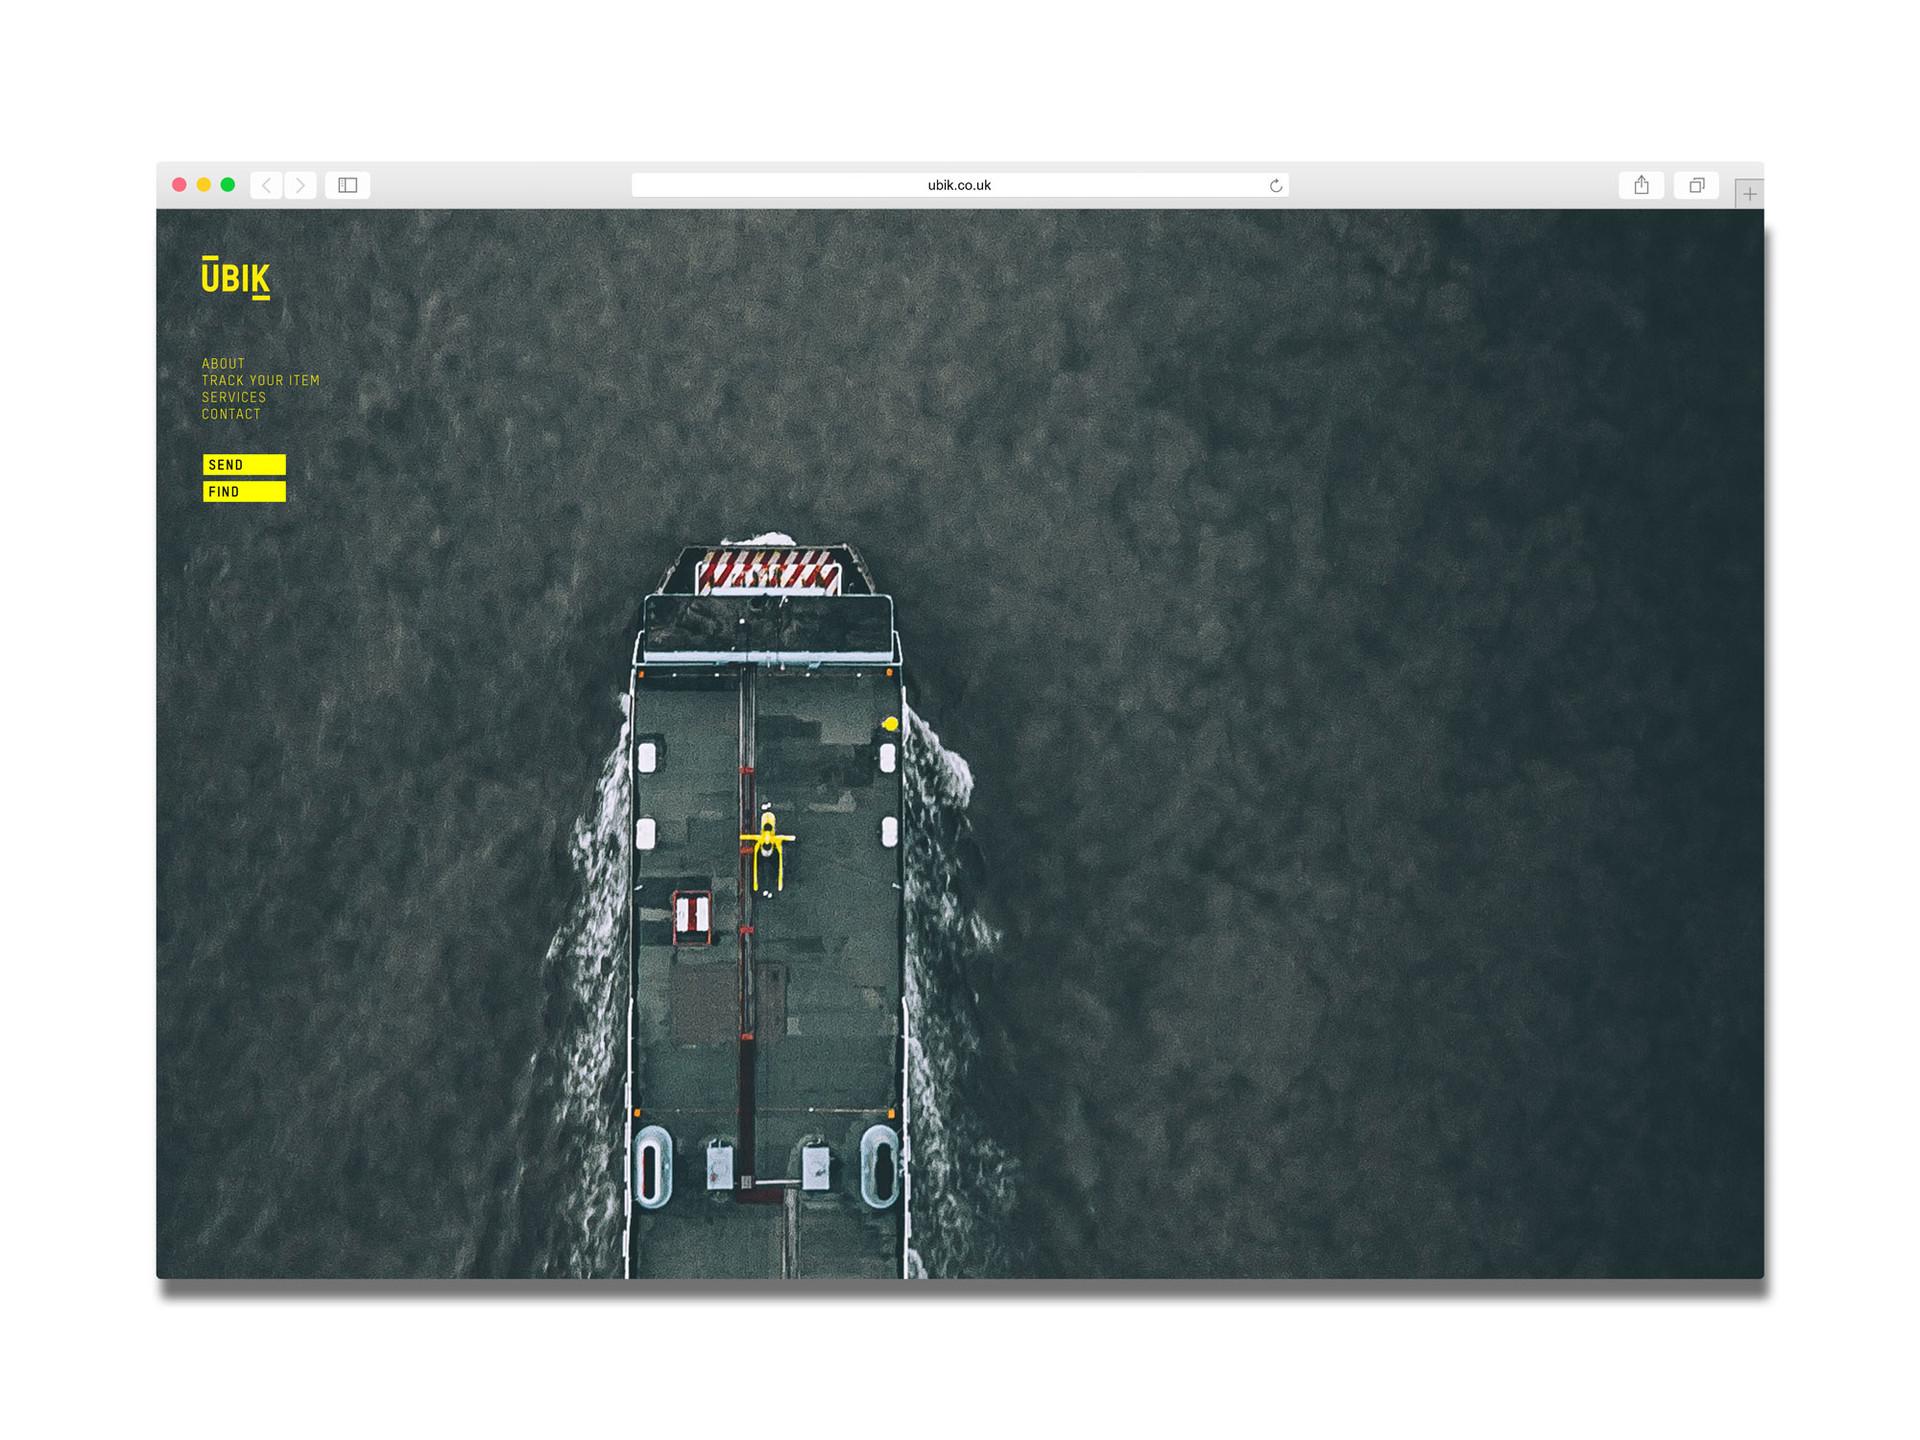 ubik-express-courier-website.jpg